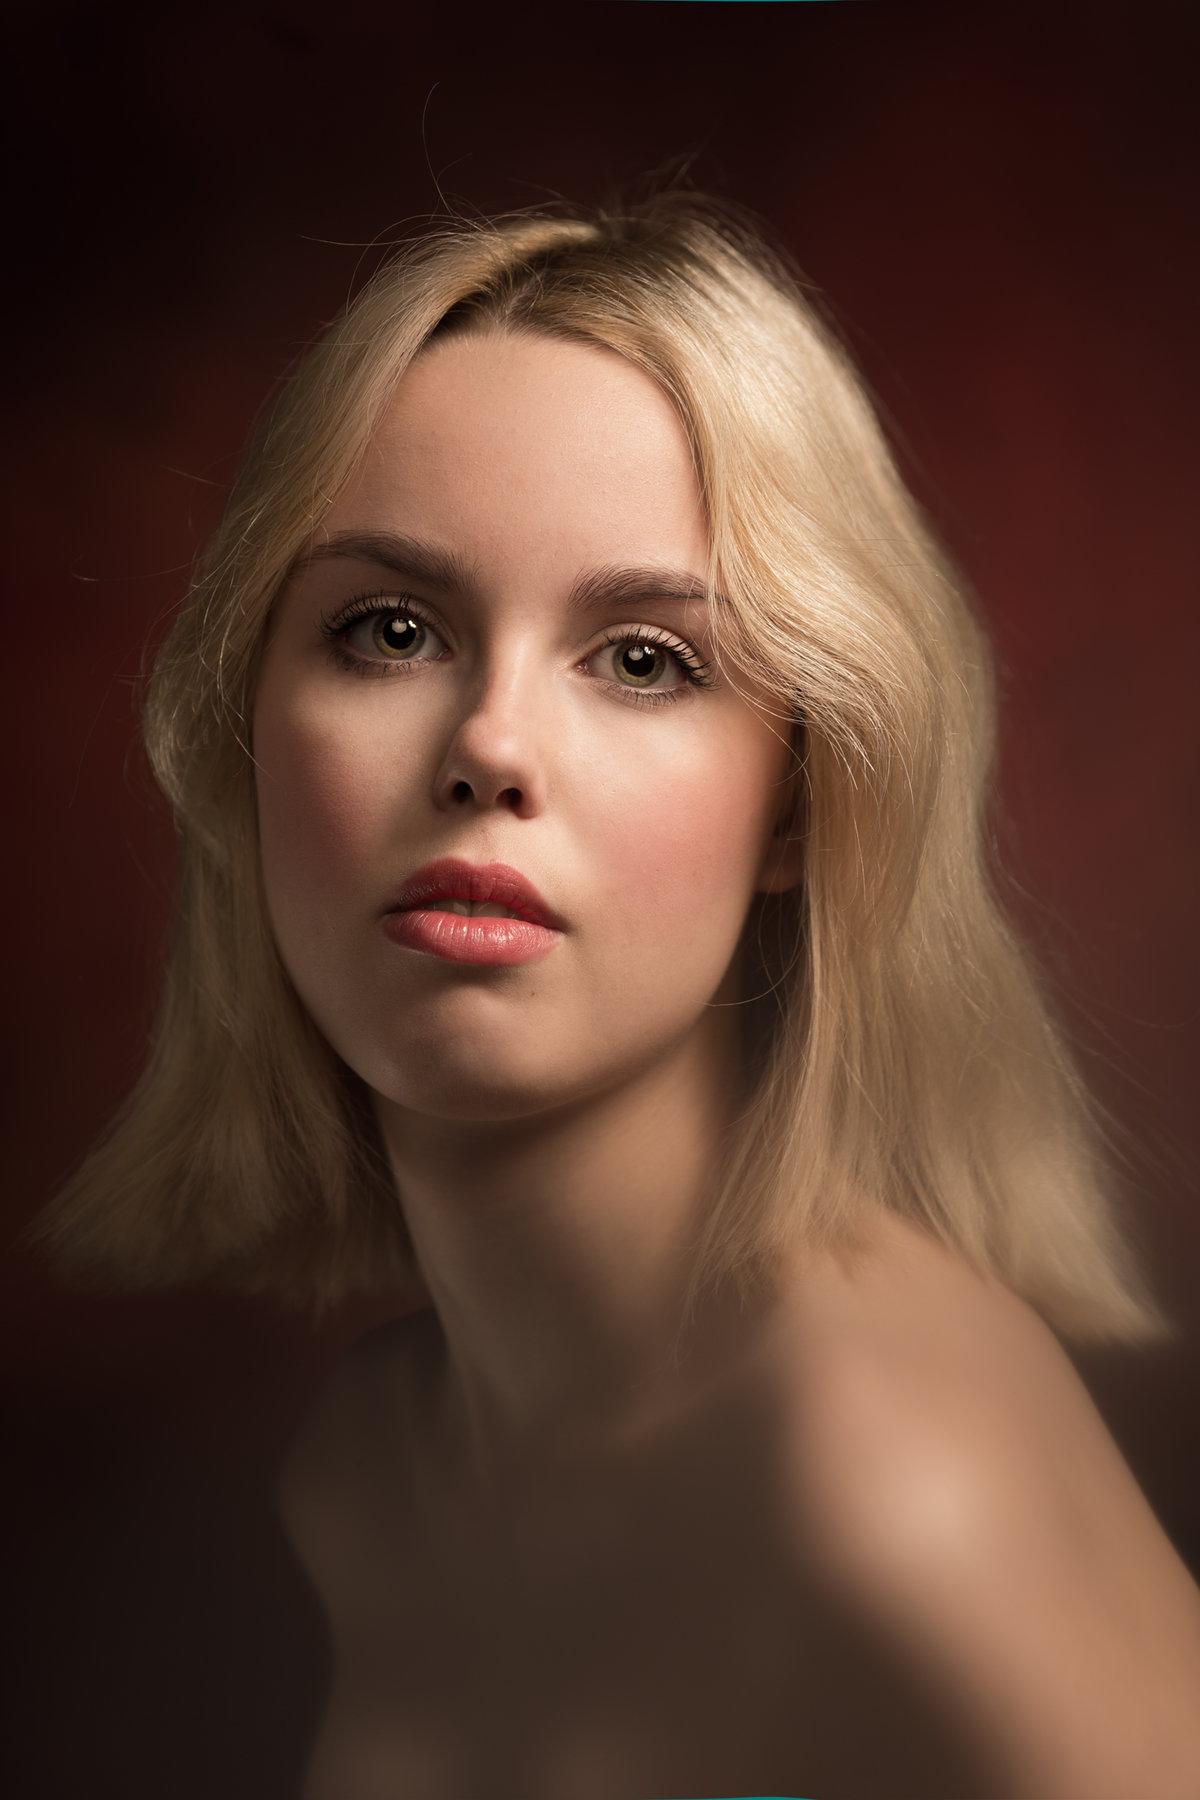 заведения красивые портретные фото во владивостоке девушка